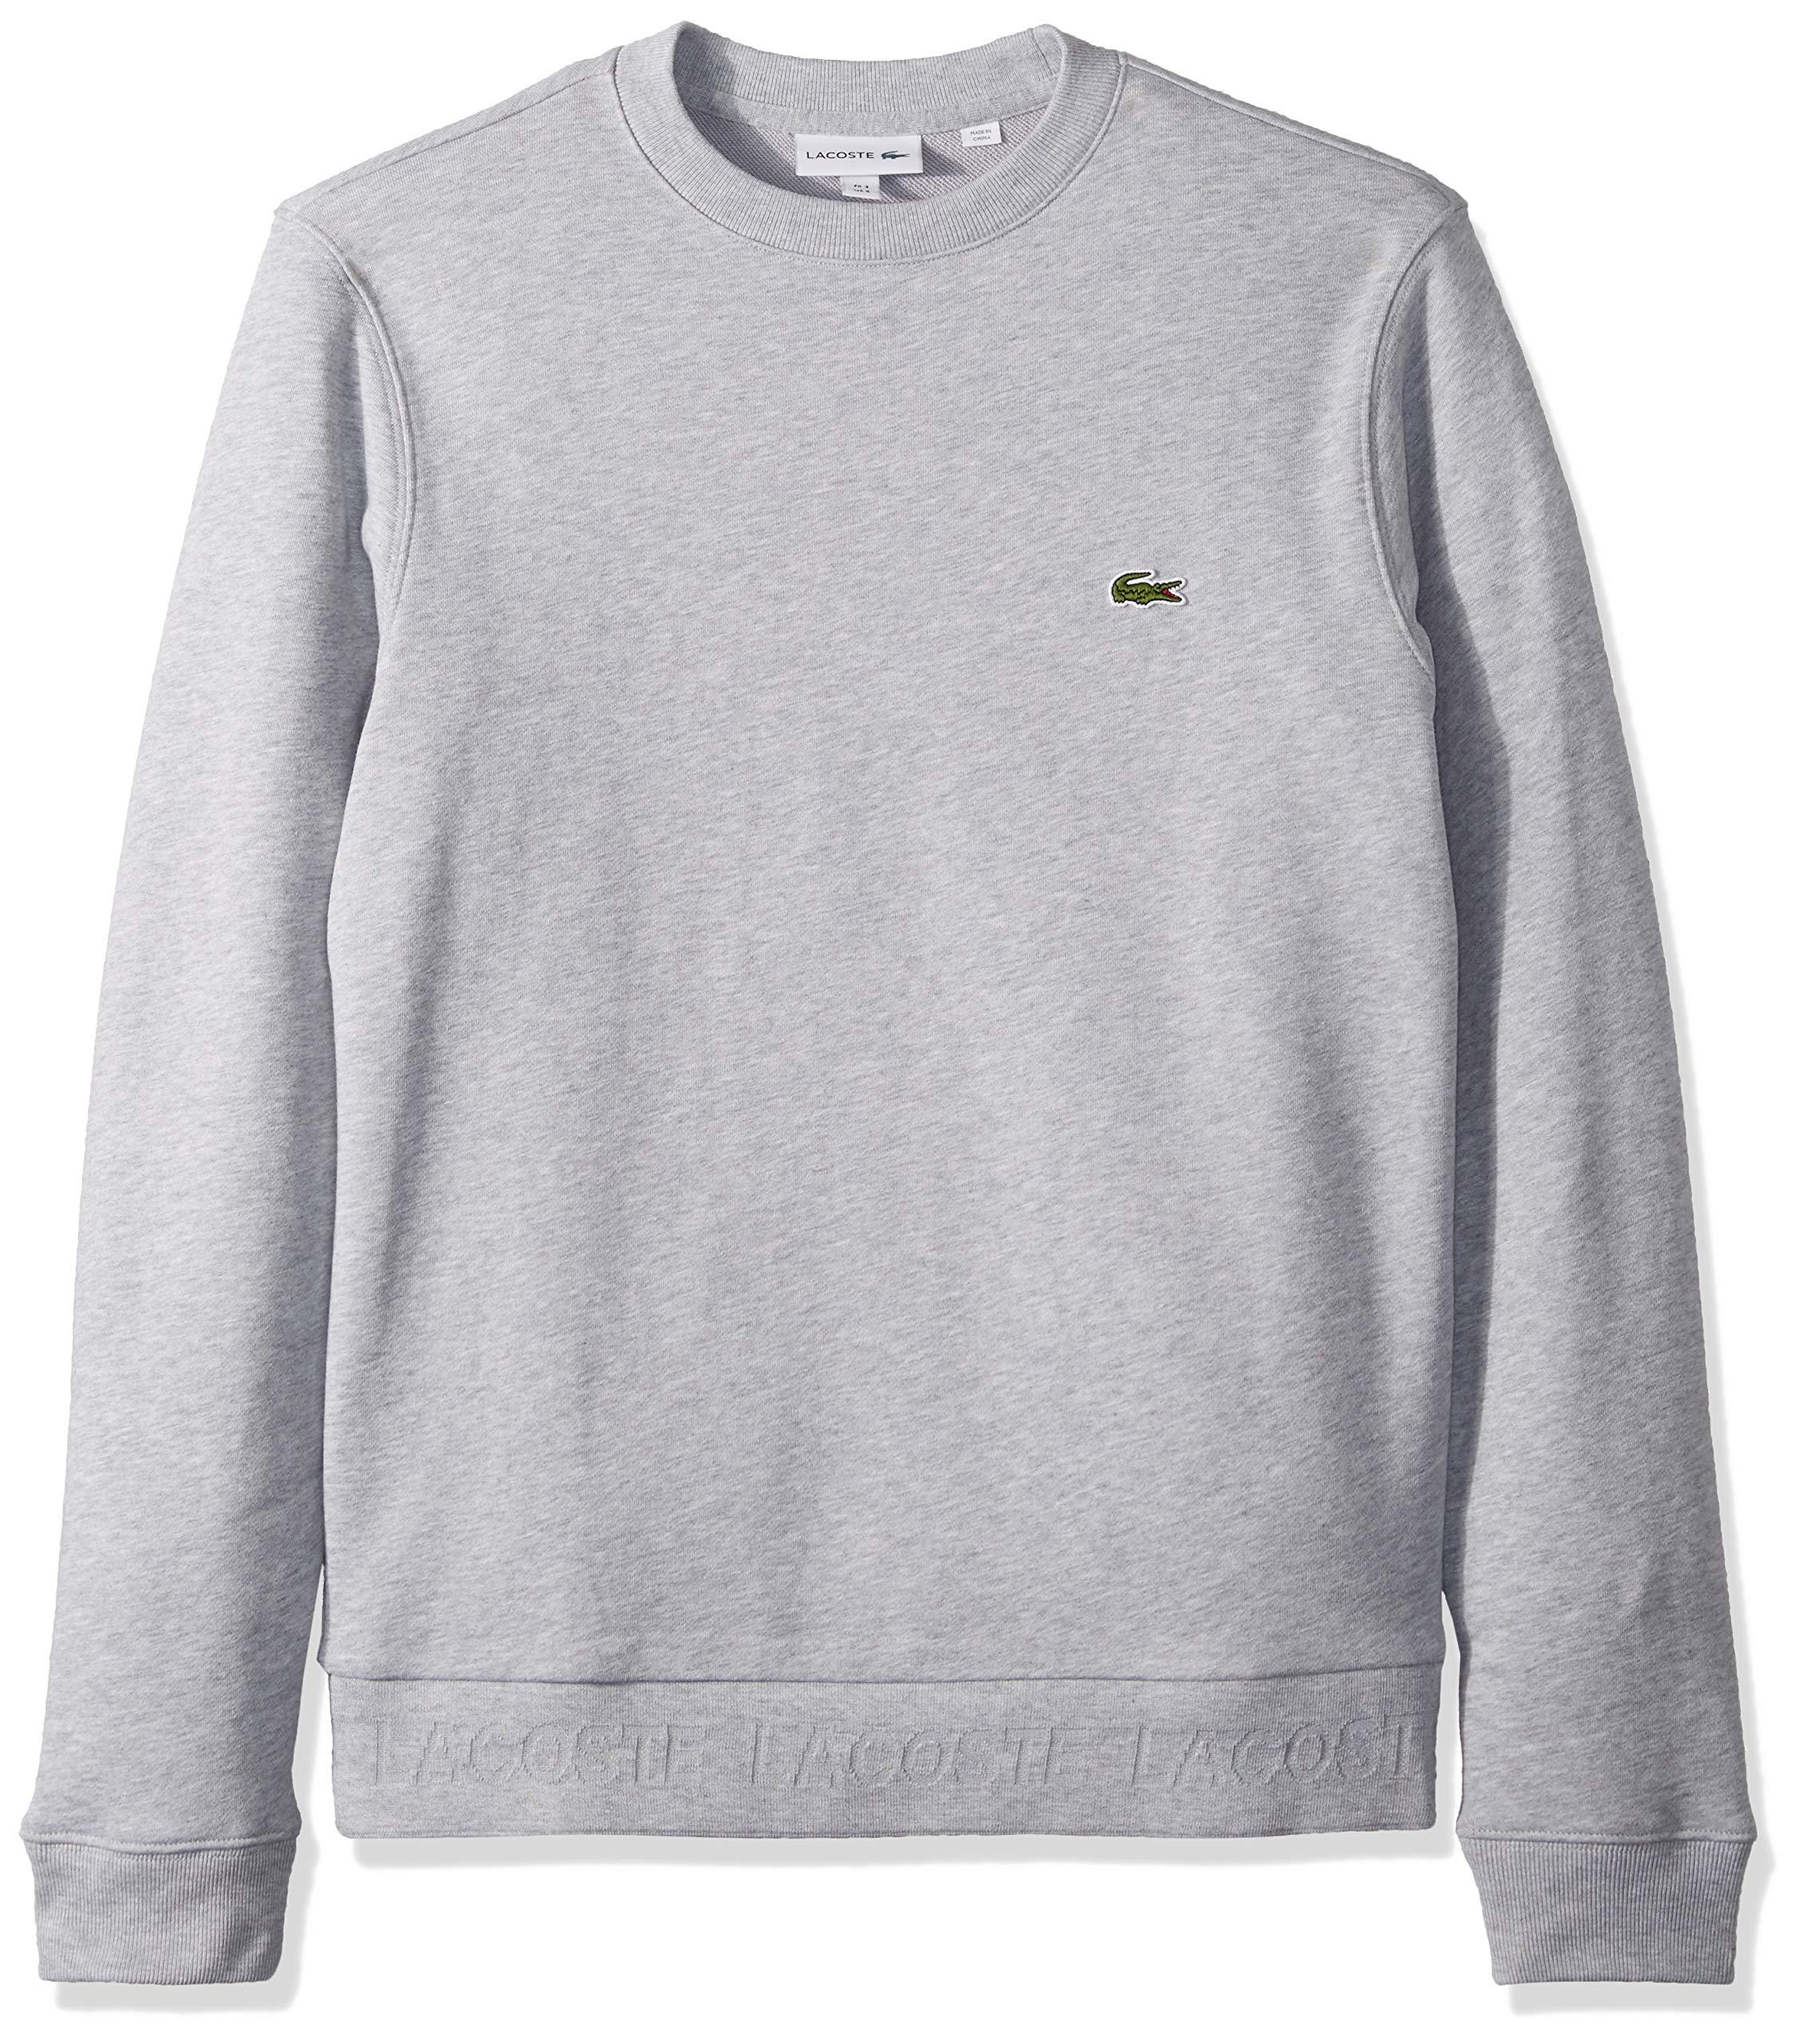 Lacoste Men's Long Sleeve Sweatshirt With Lacoste